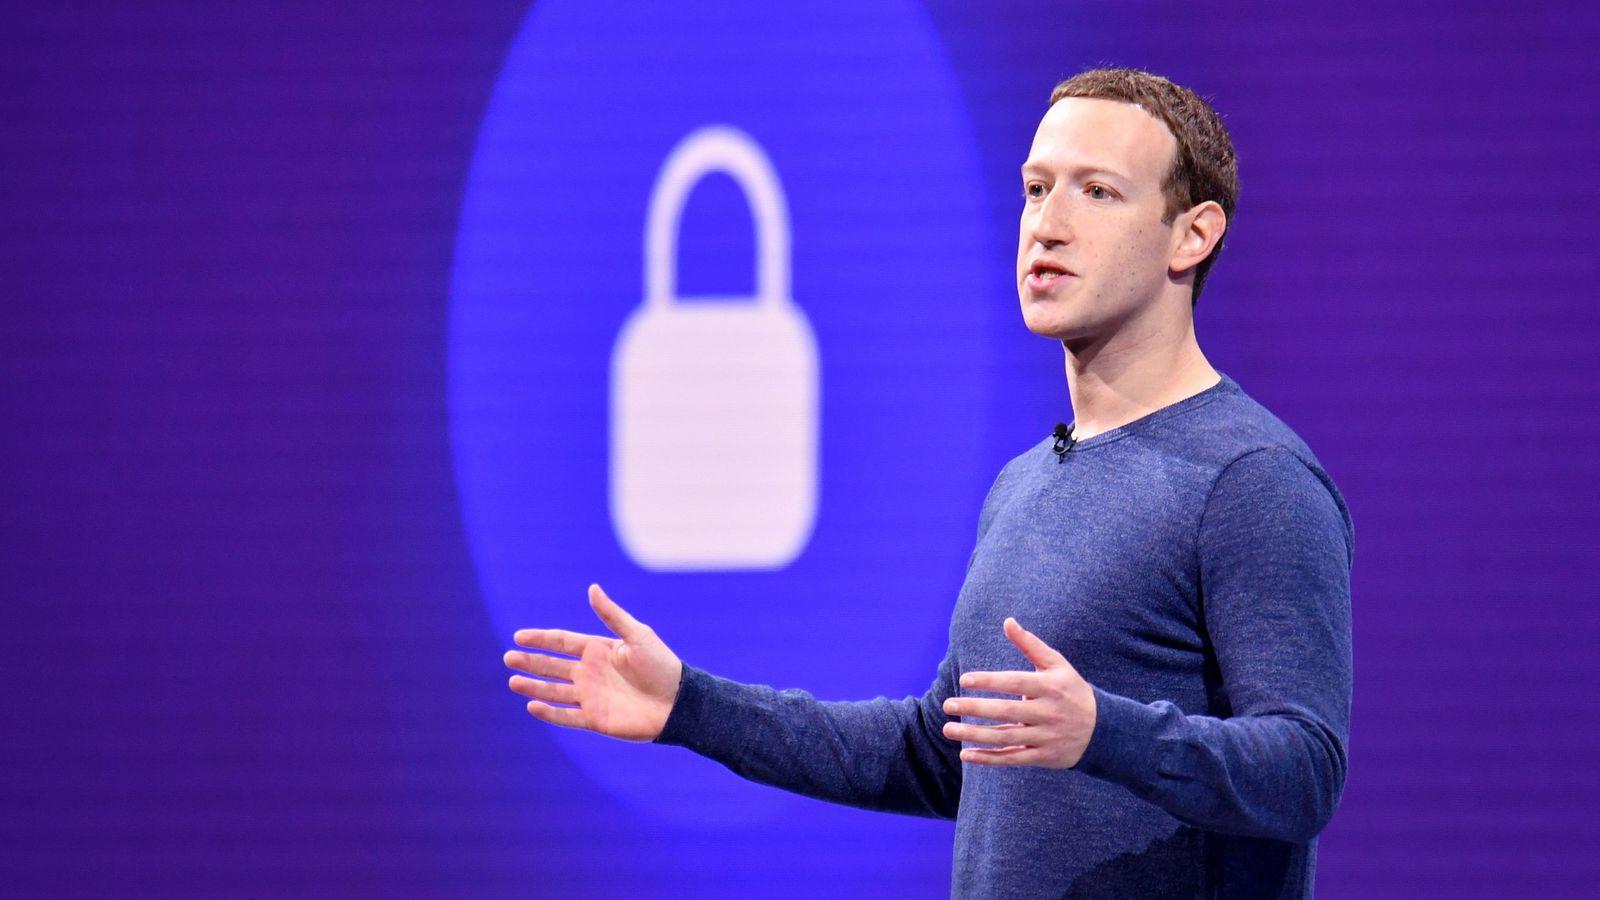 'Mark is wrong': Facebook employees unhappy Zuckerberg took no action on Trump...